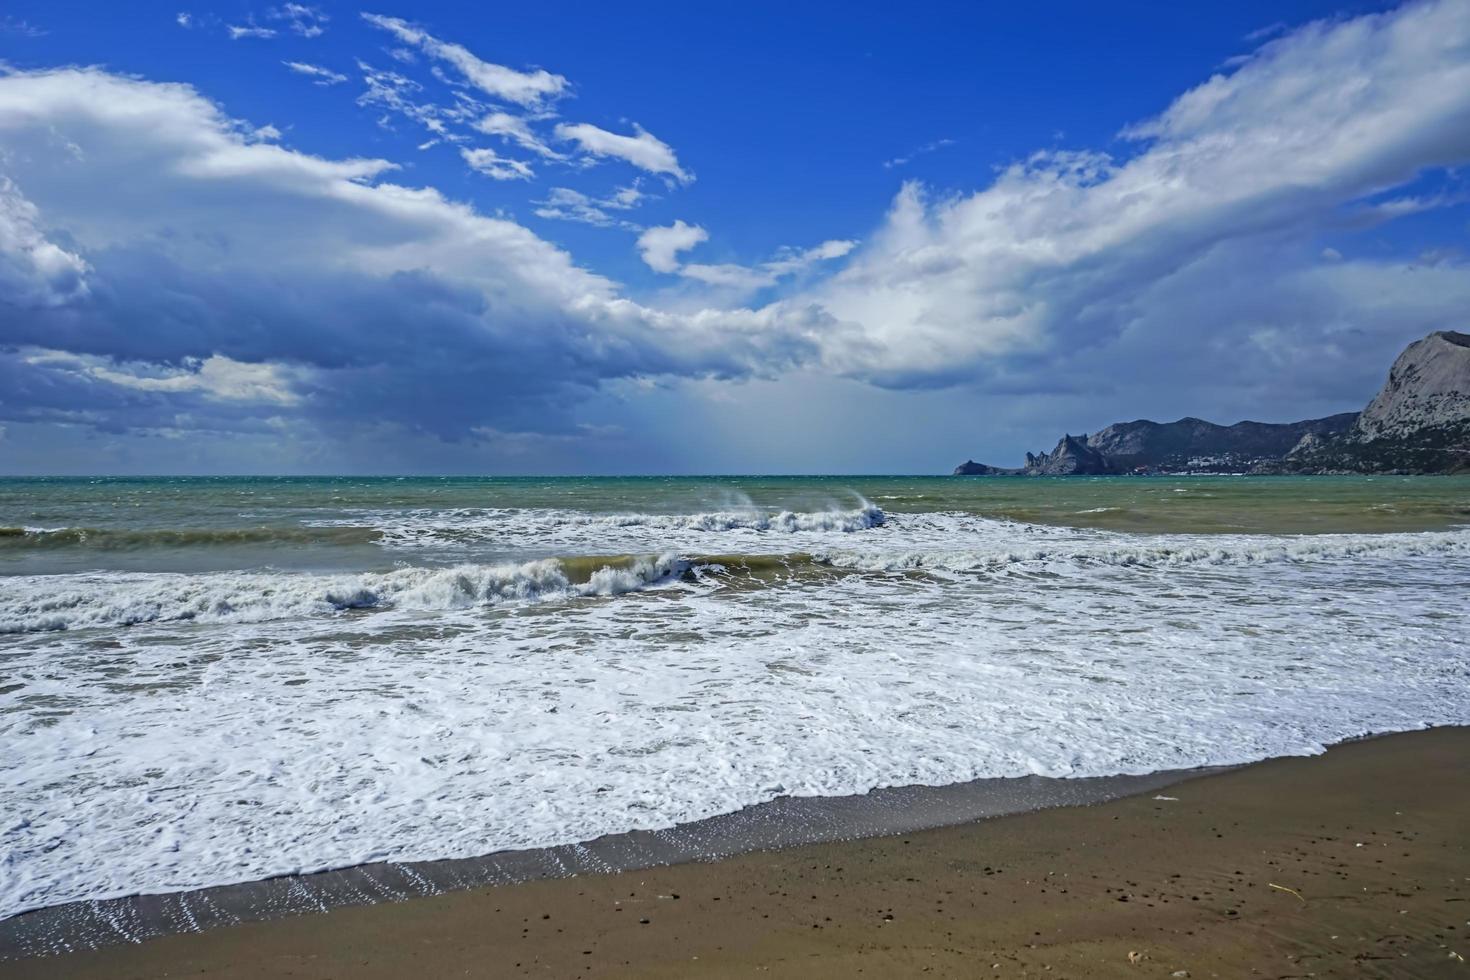 paisaje marino con hermosas olas color esmeralda. sudak, crimea. foto